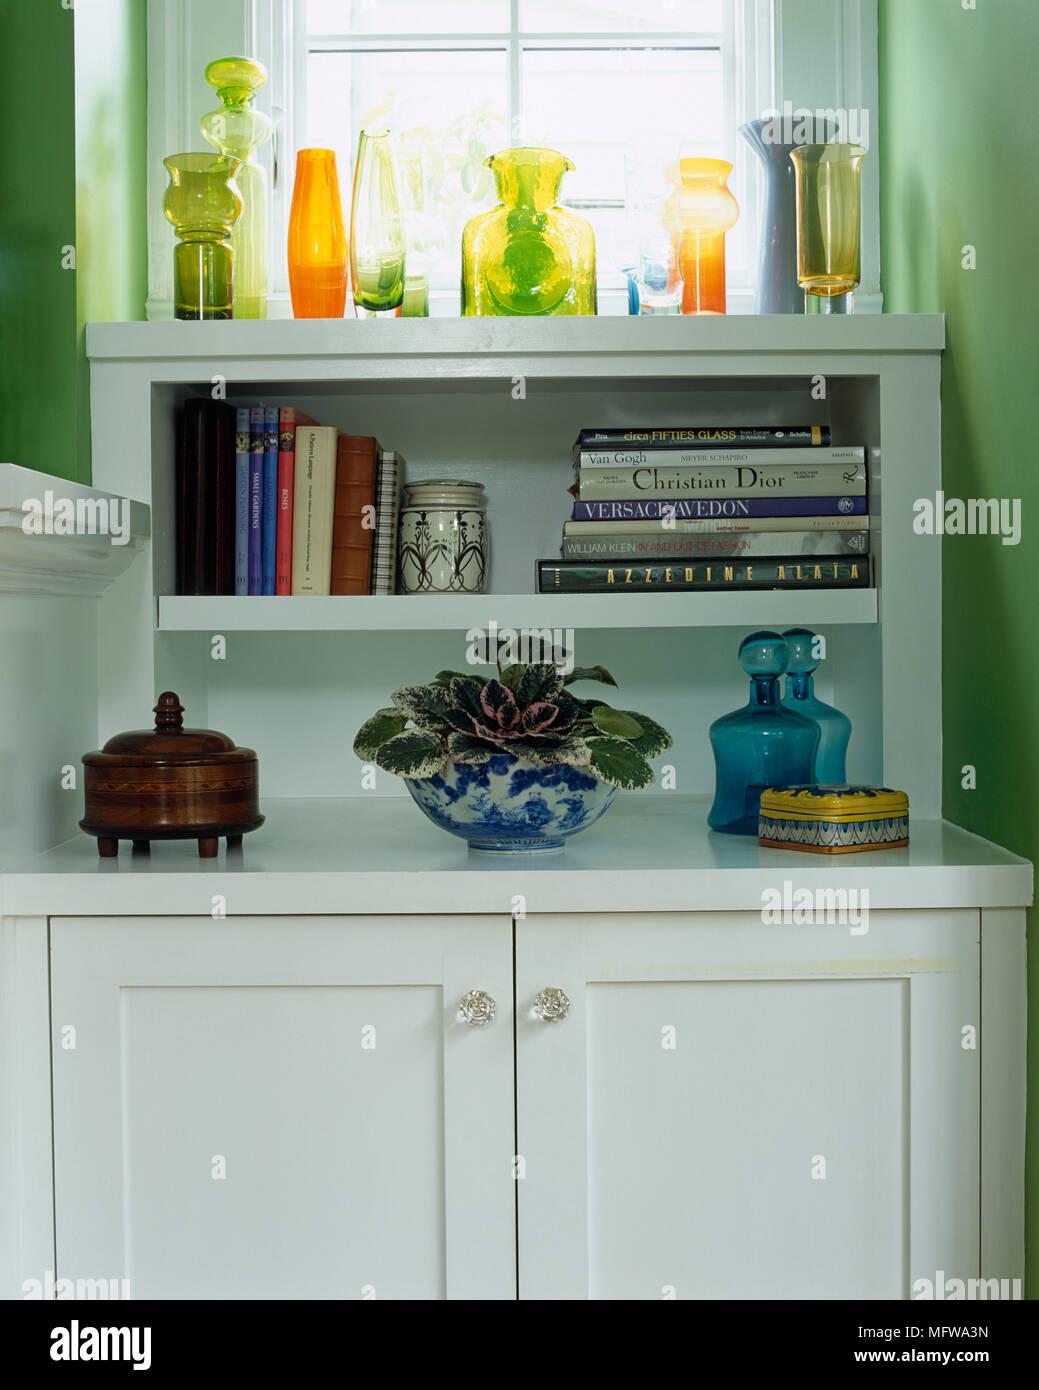 Storage Unit Furniture Stockfotos & Storage Unit Furniture Bilder ...